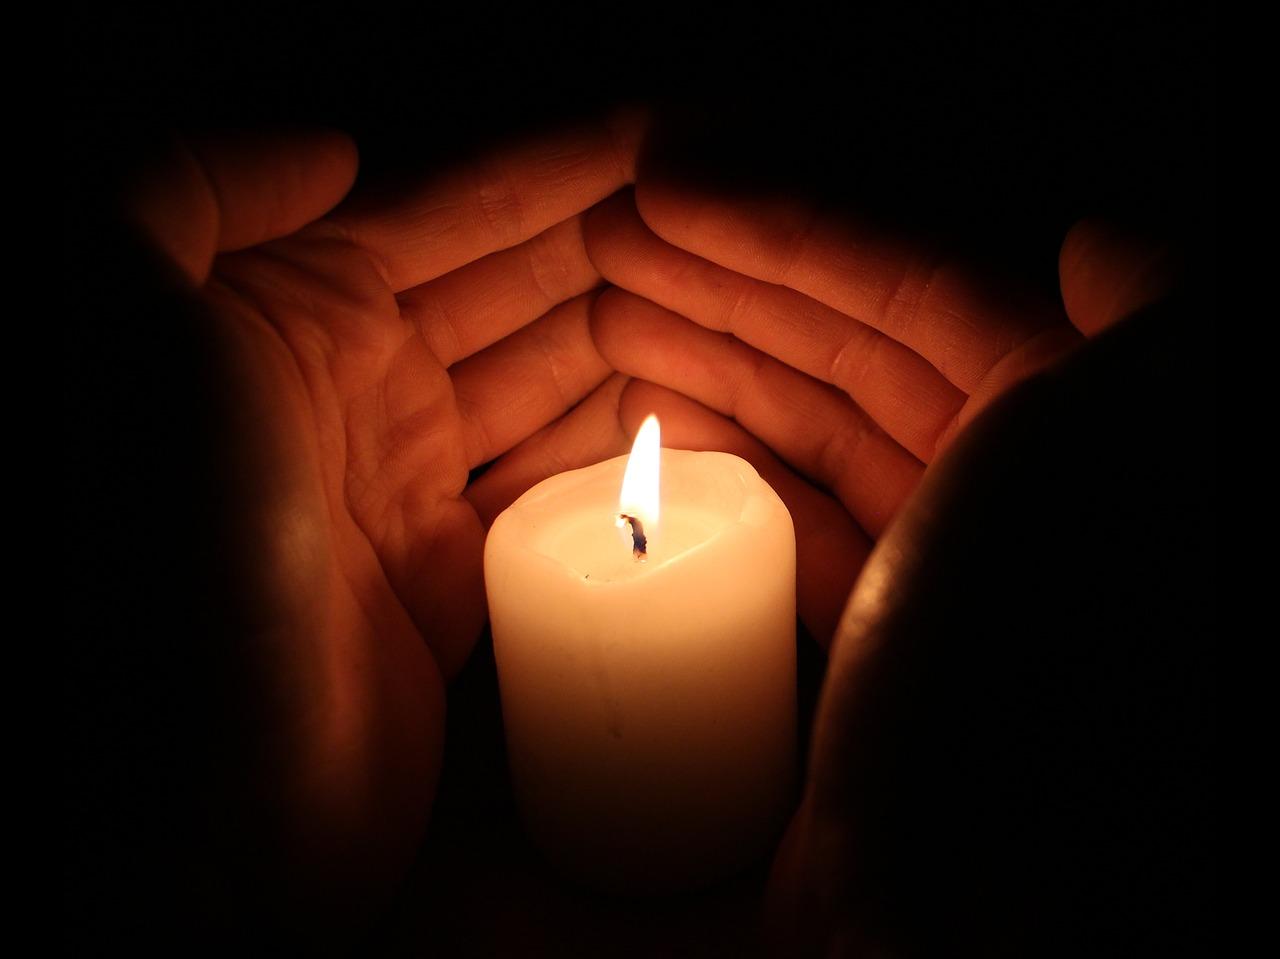 Brennende Kerze mit Händen